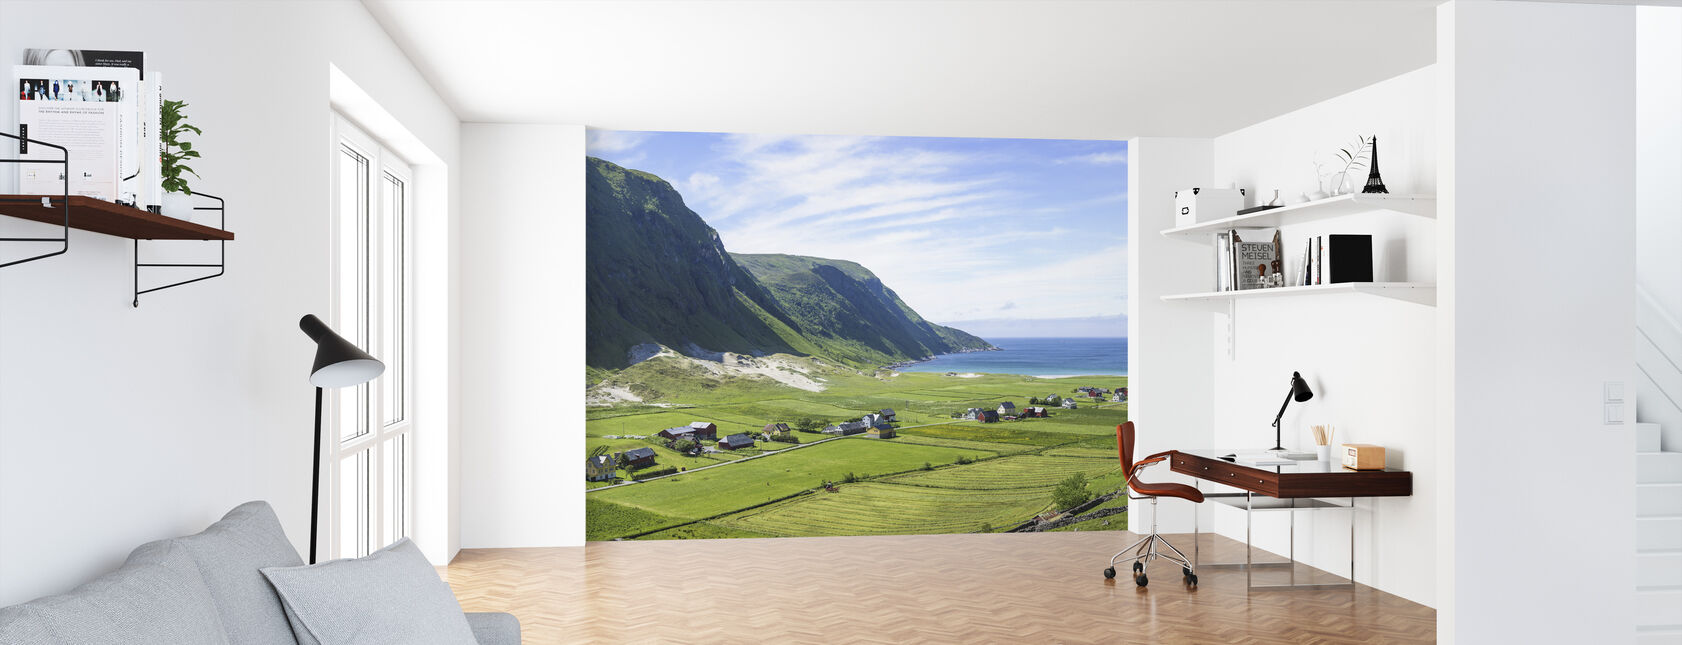 Buildings Among Green Fields, Norway - Wallpaper - Office